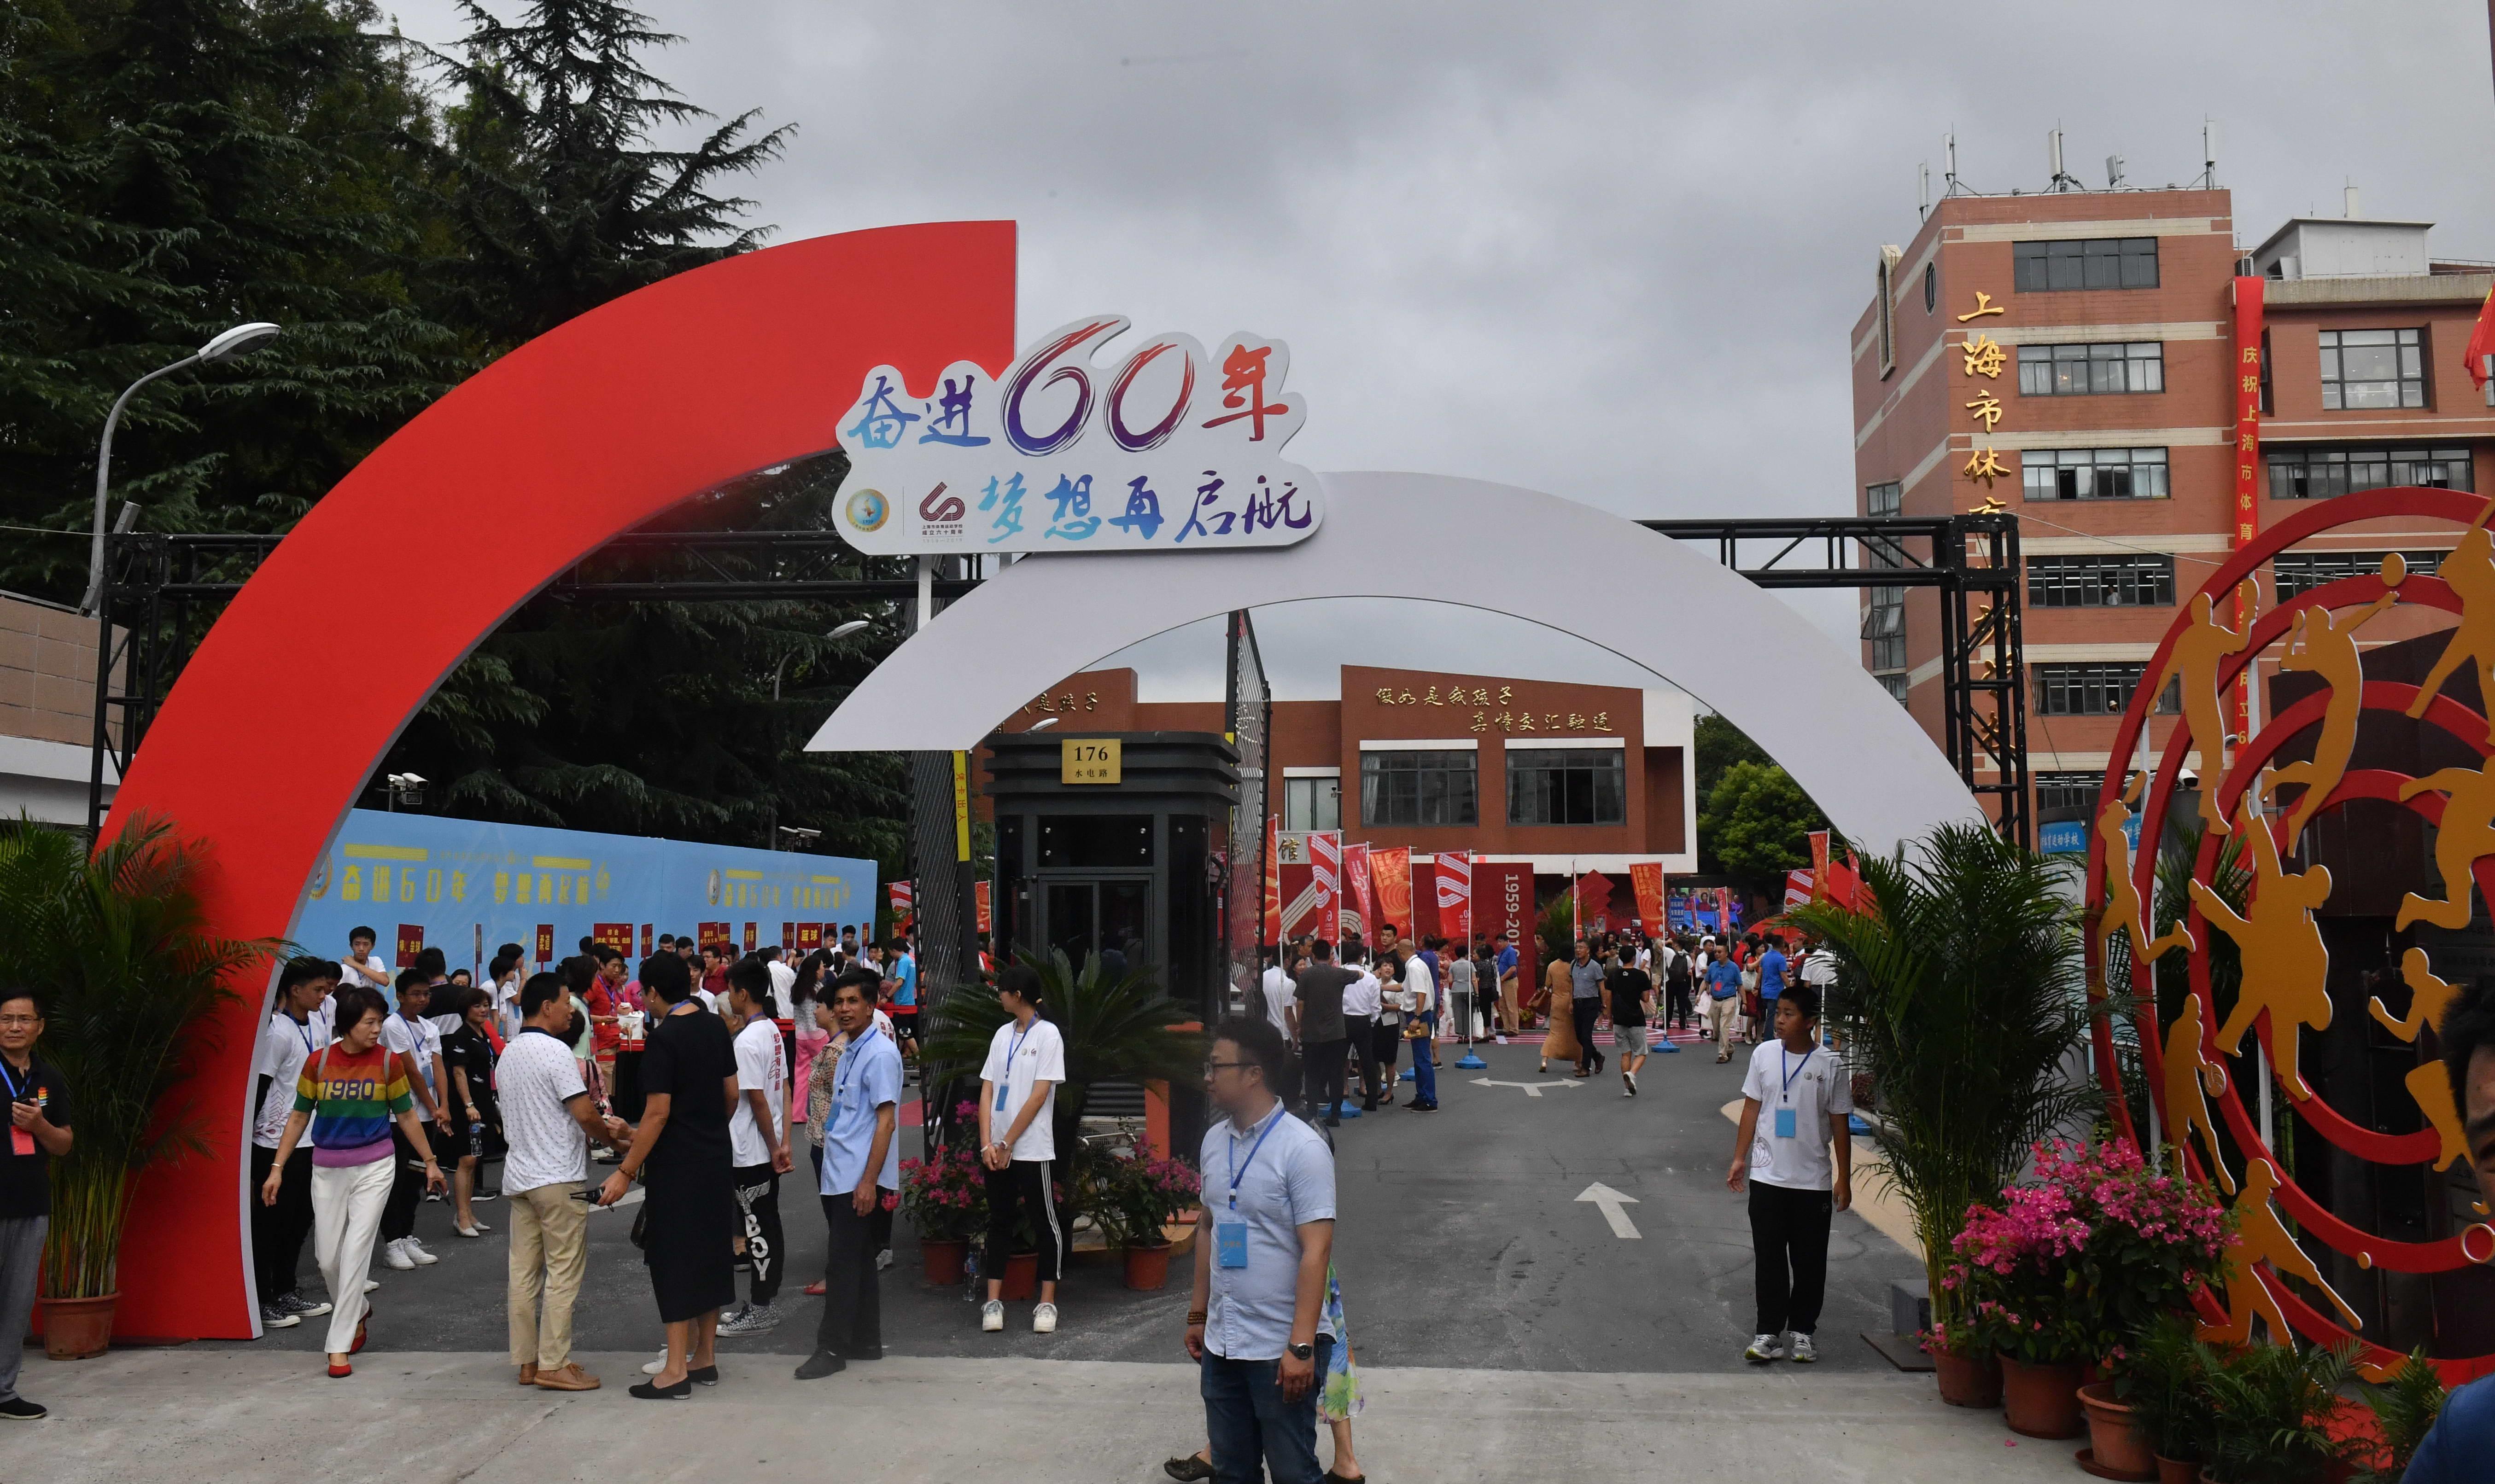 市体校庆祝建校60周年,4000名优秀运动员从这里走出